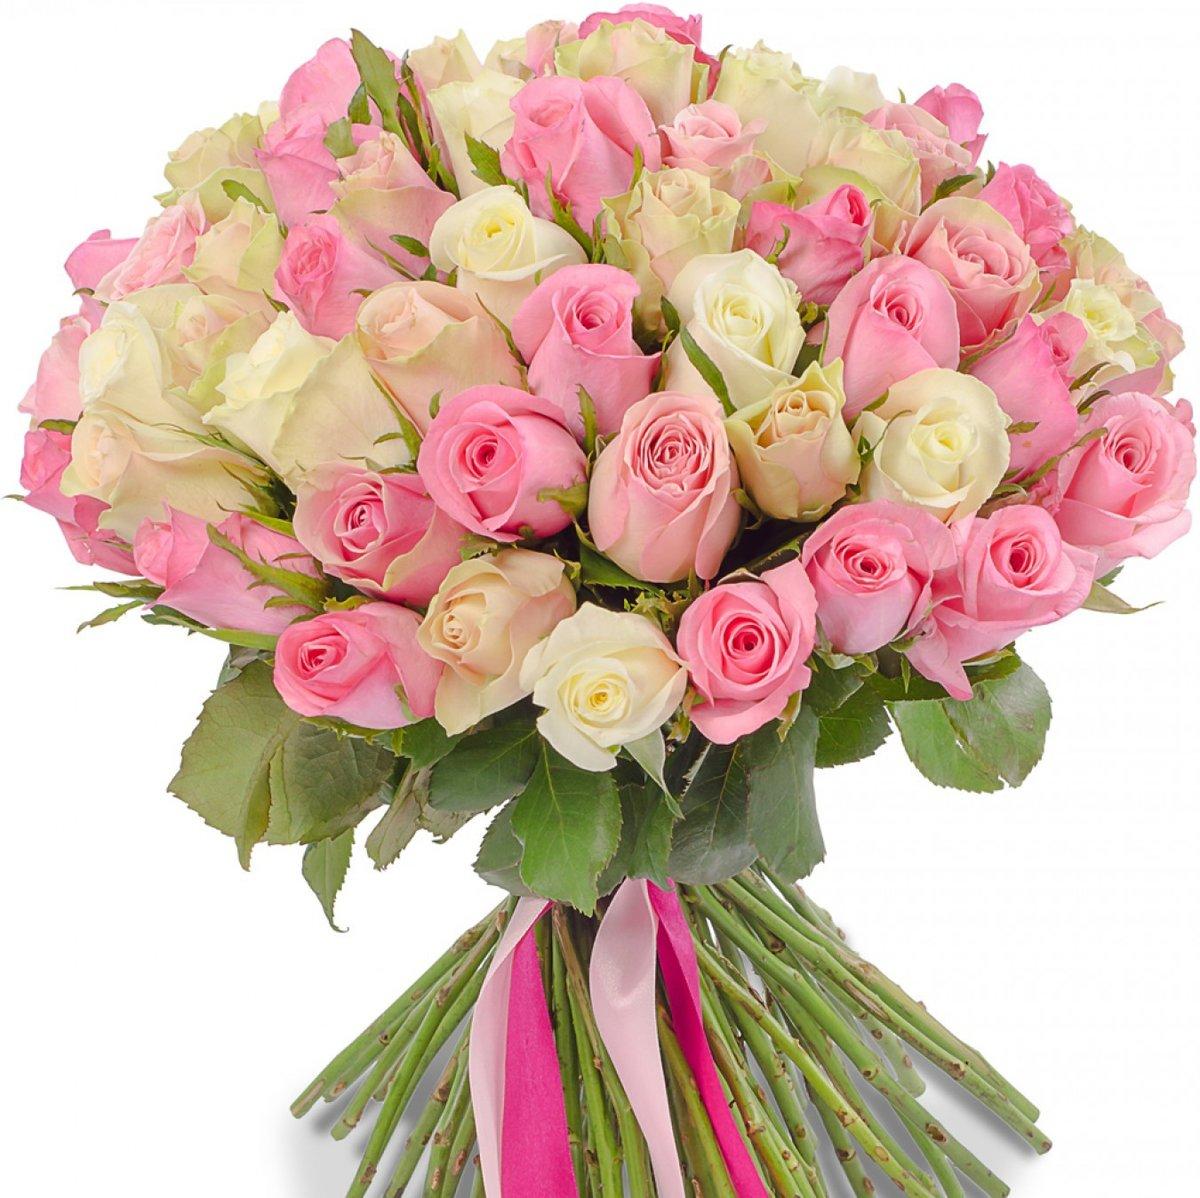 Самые красивые букеты цветов картинки, летием свадьбы